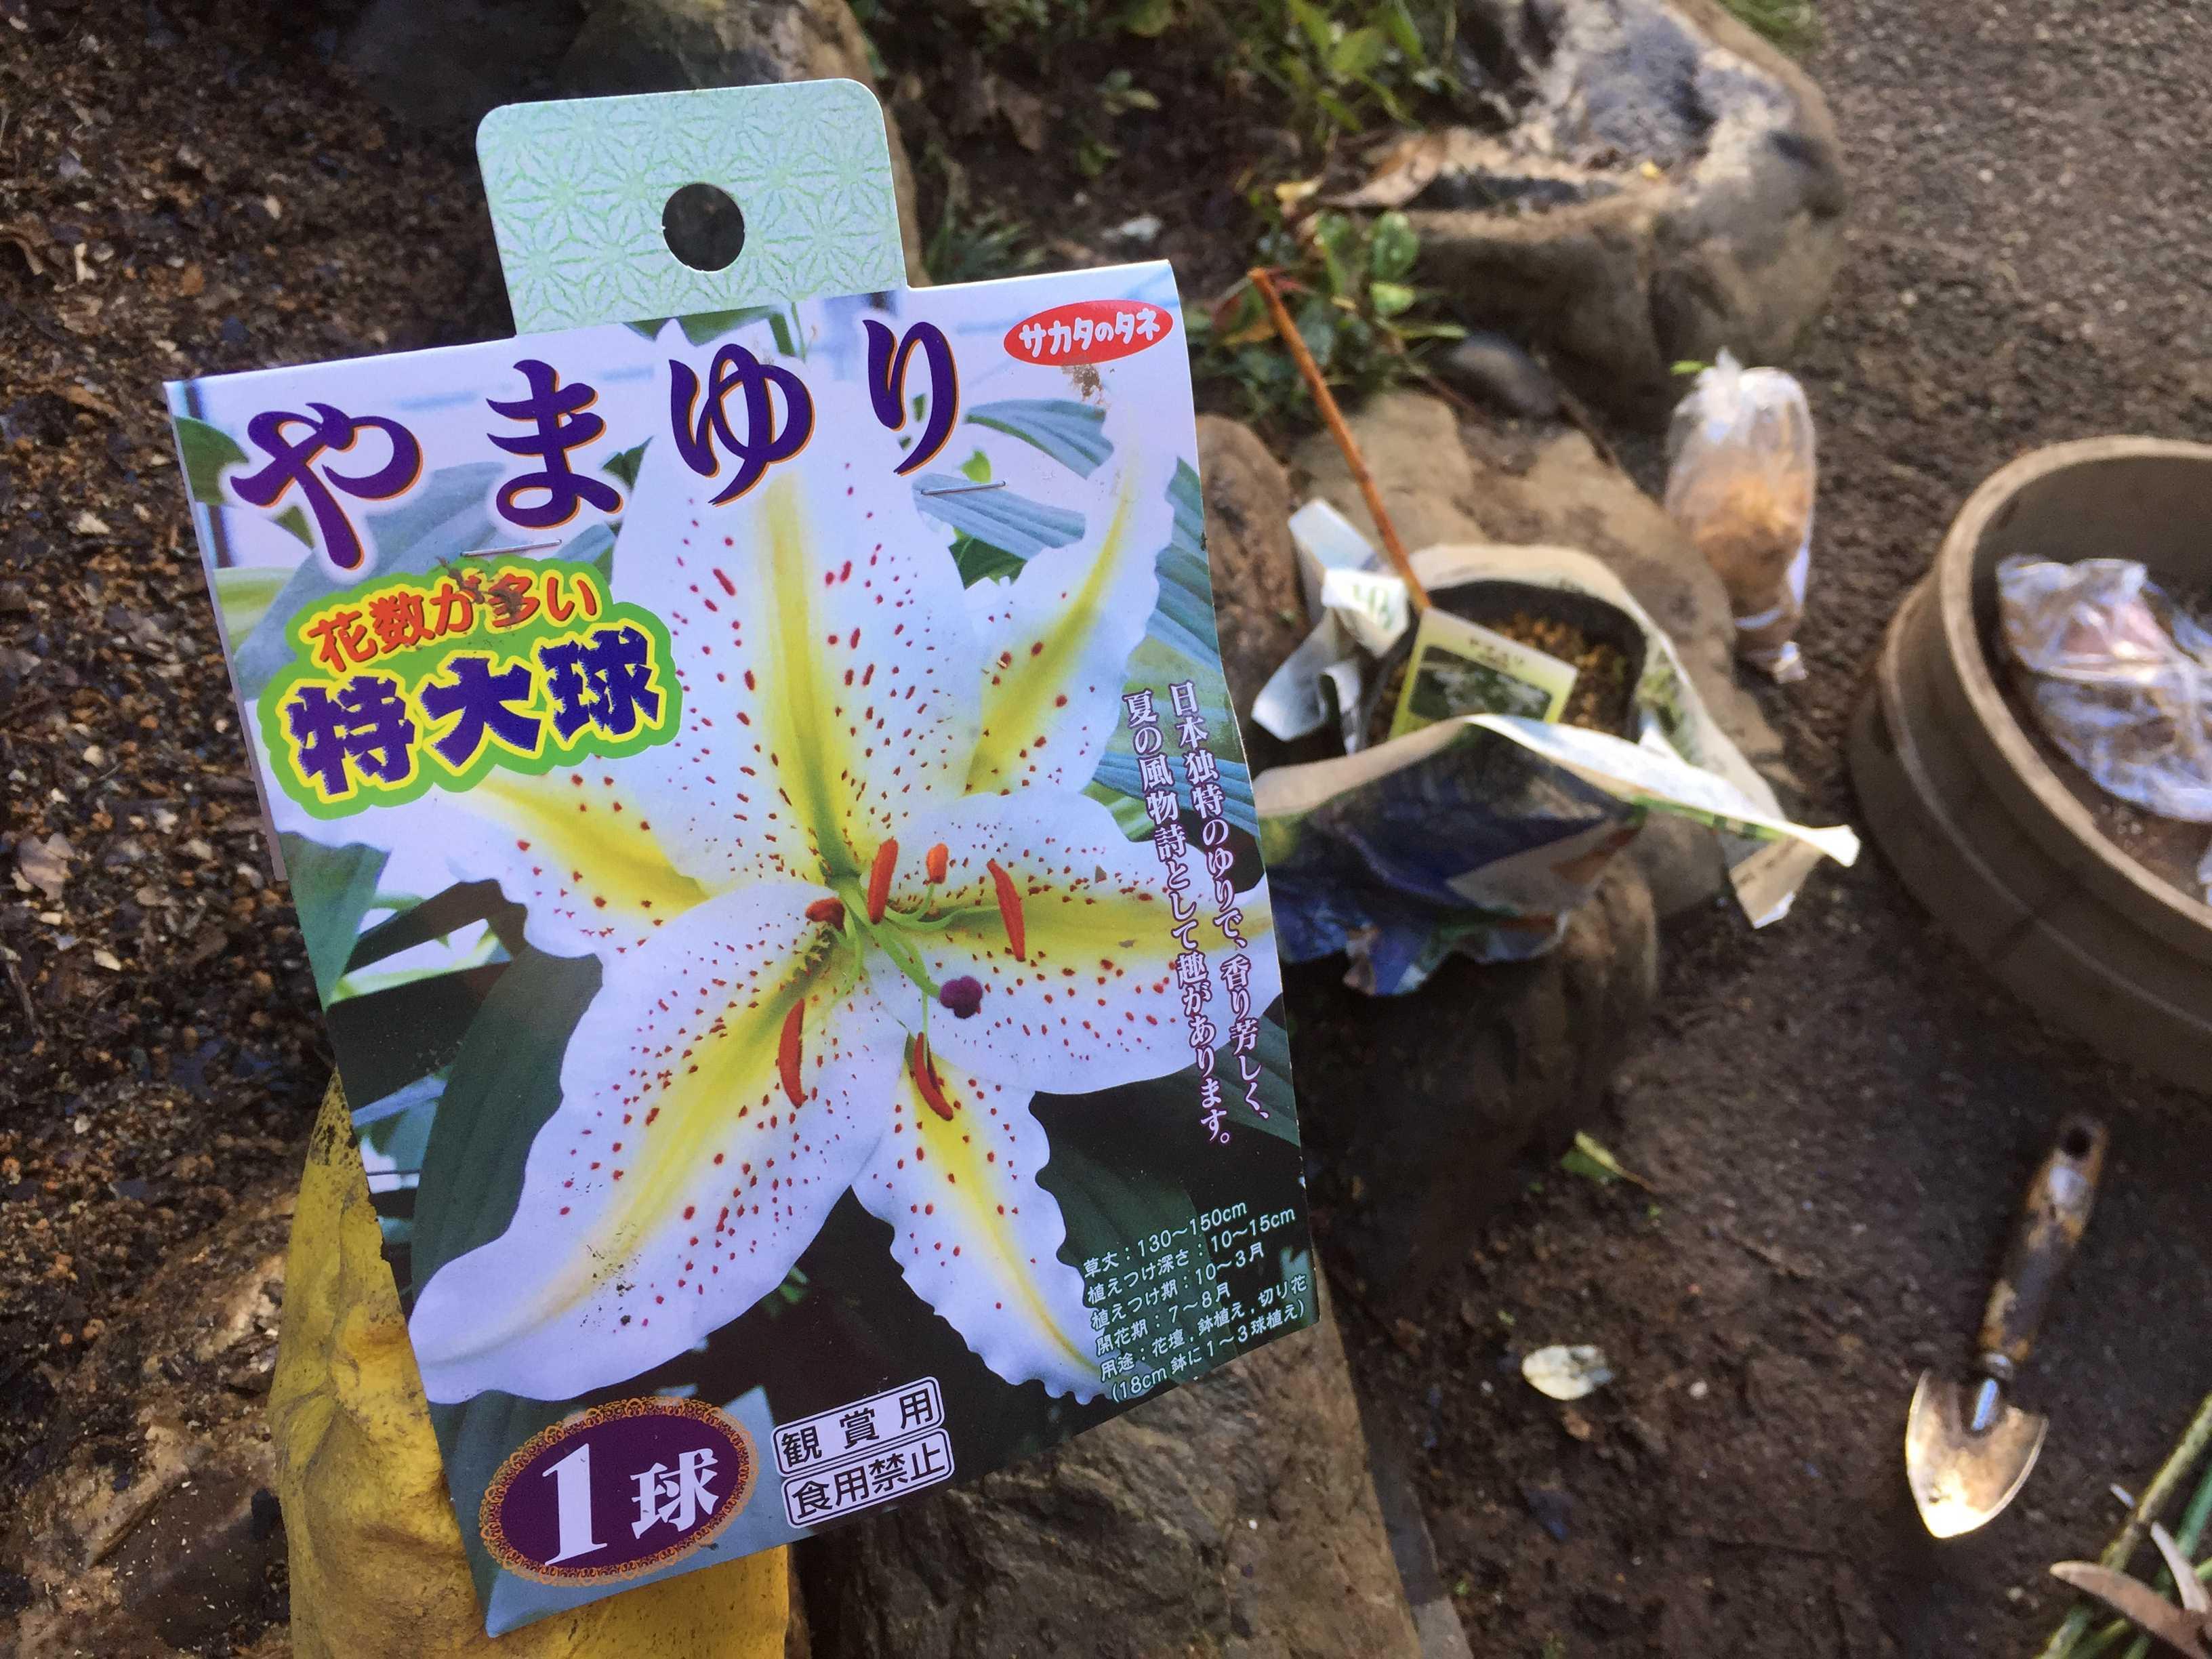 ヤマユリの球根植え付け - 花数が多い特大球